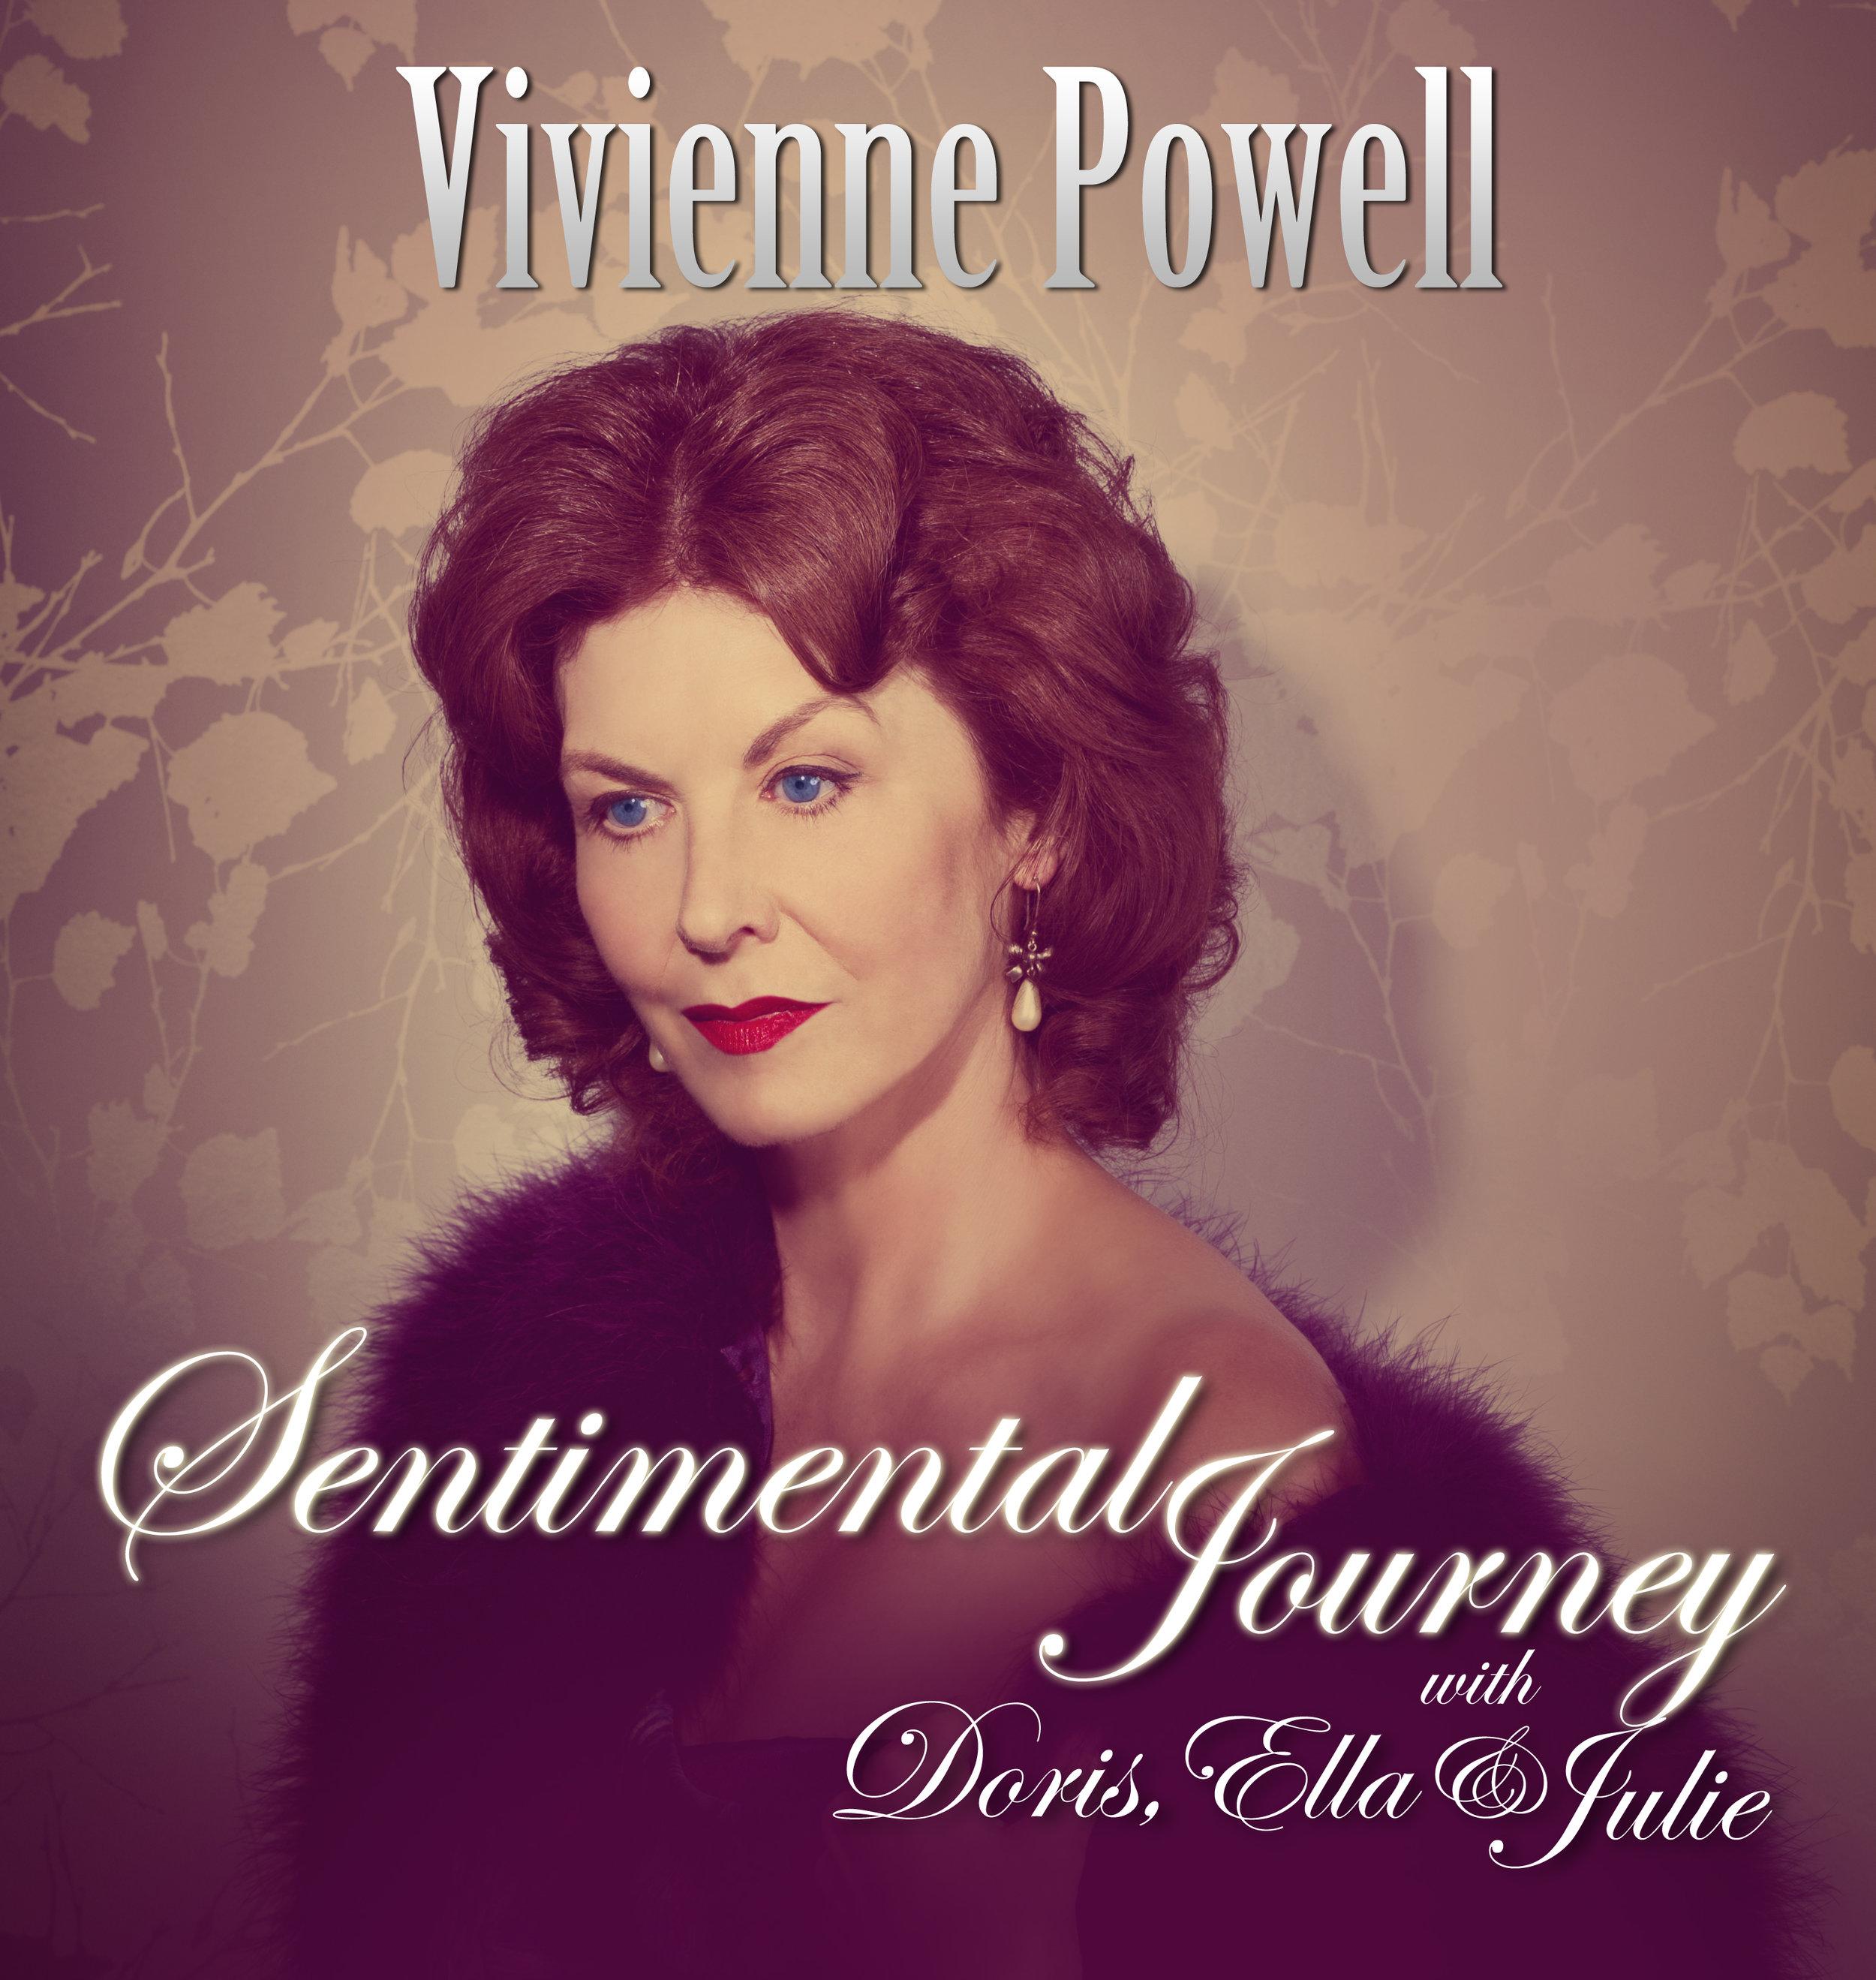 CD coverSentimental Journey.jpg